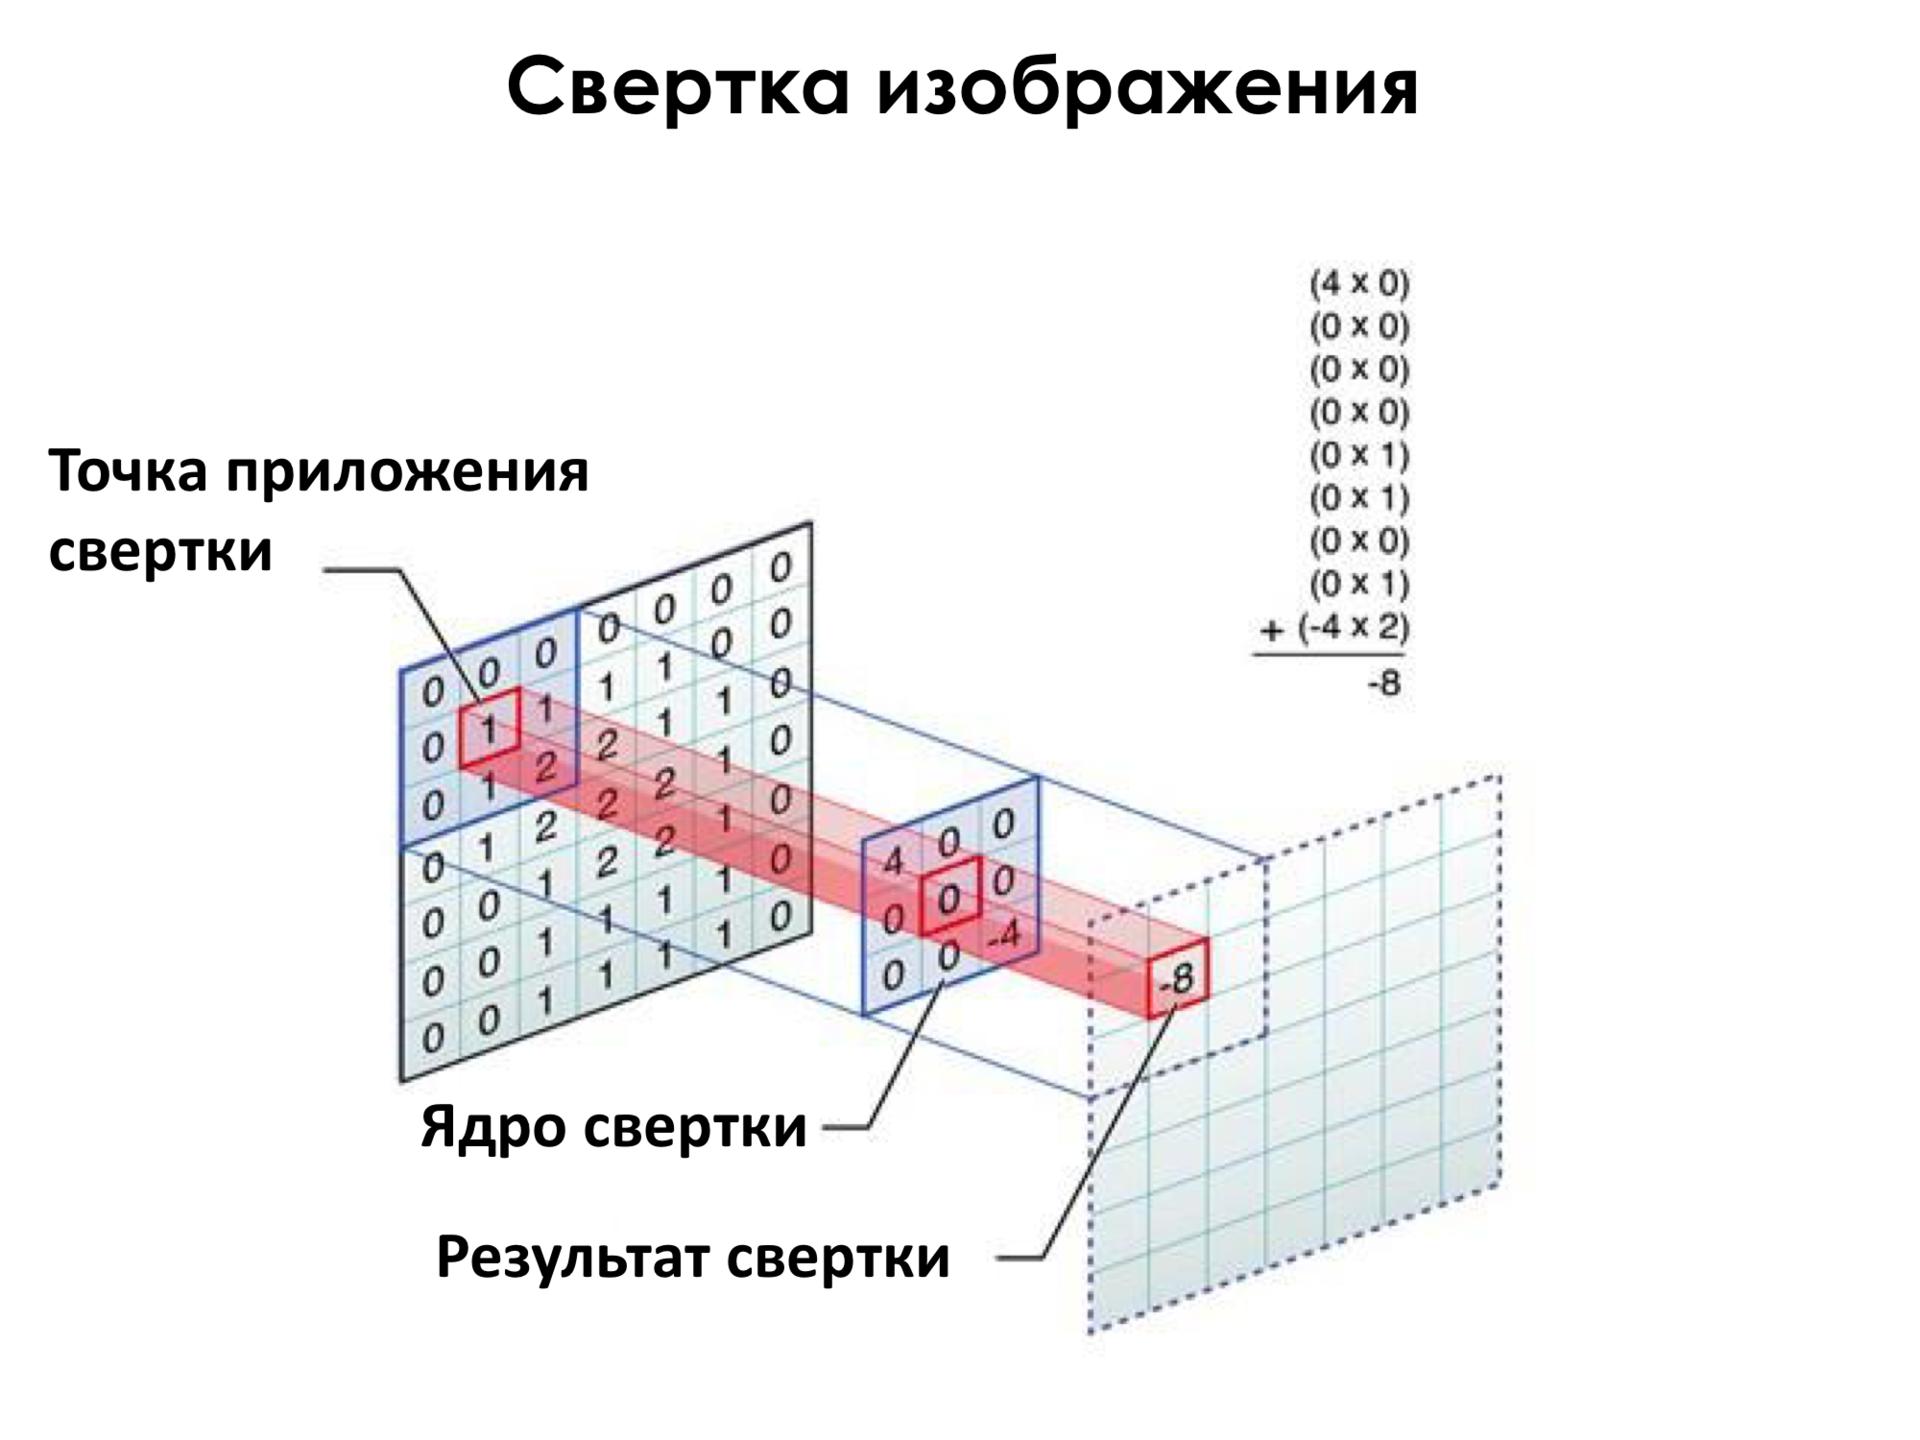 Самое главное о нейронных сетях. Лекция в Яндексе - 16